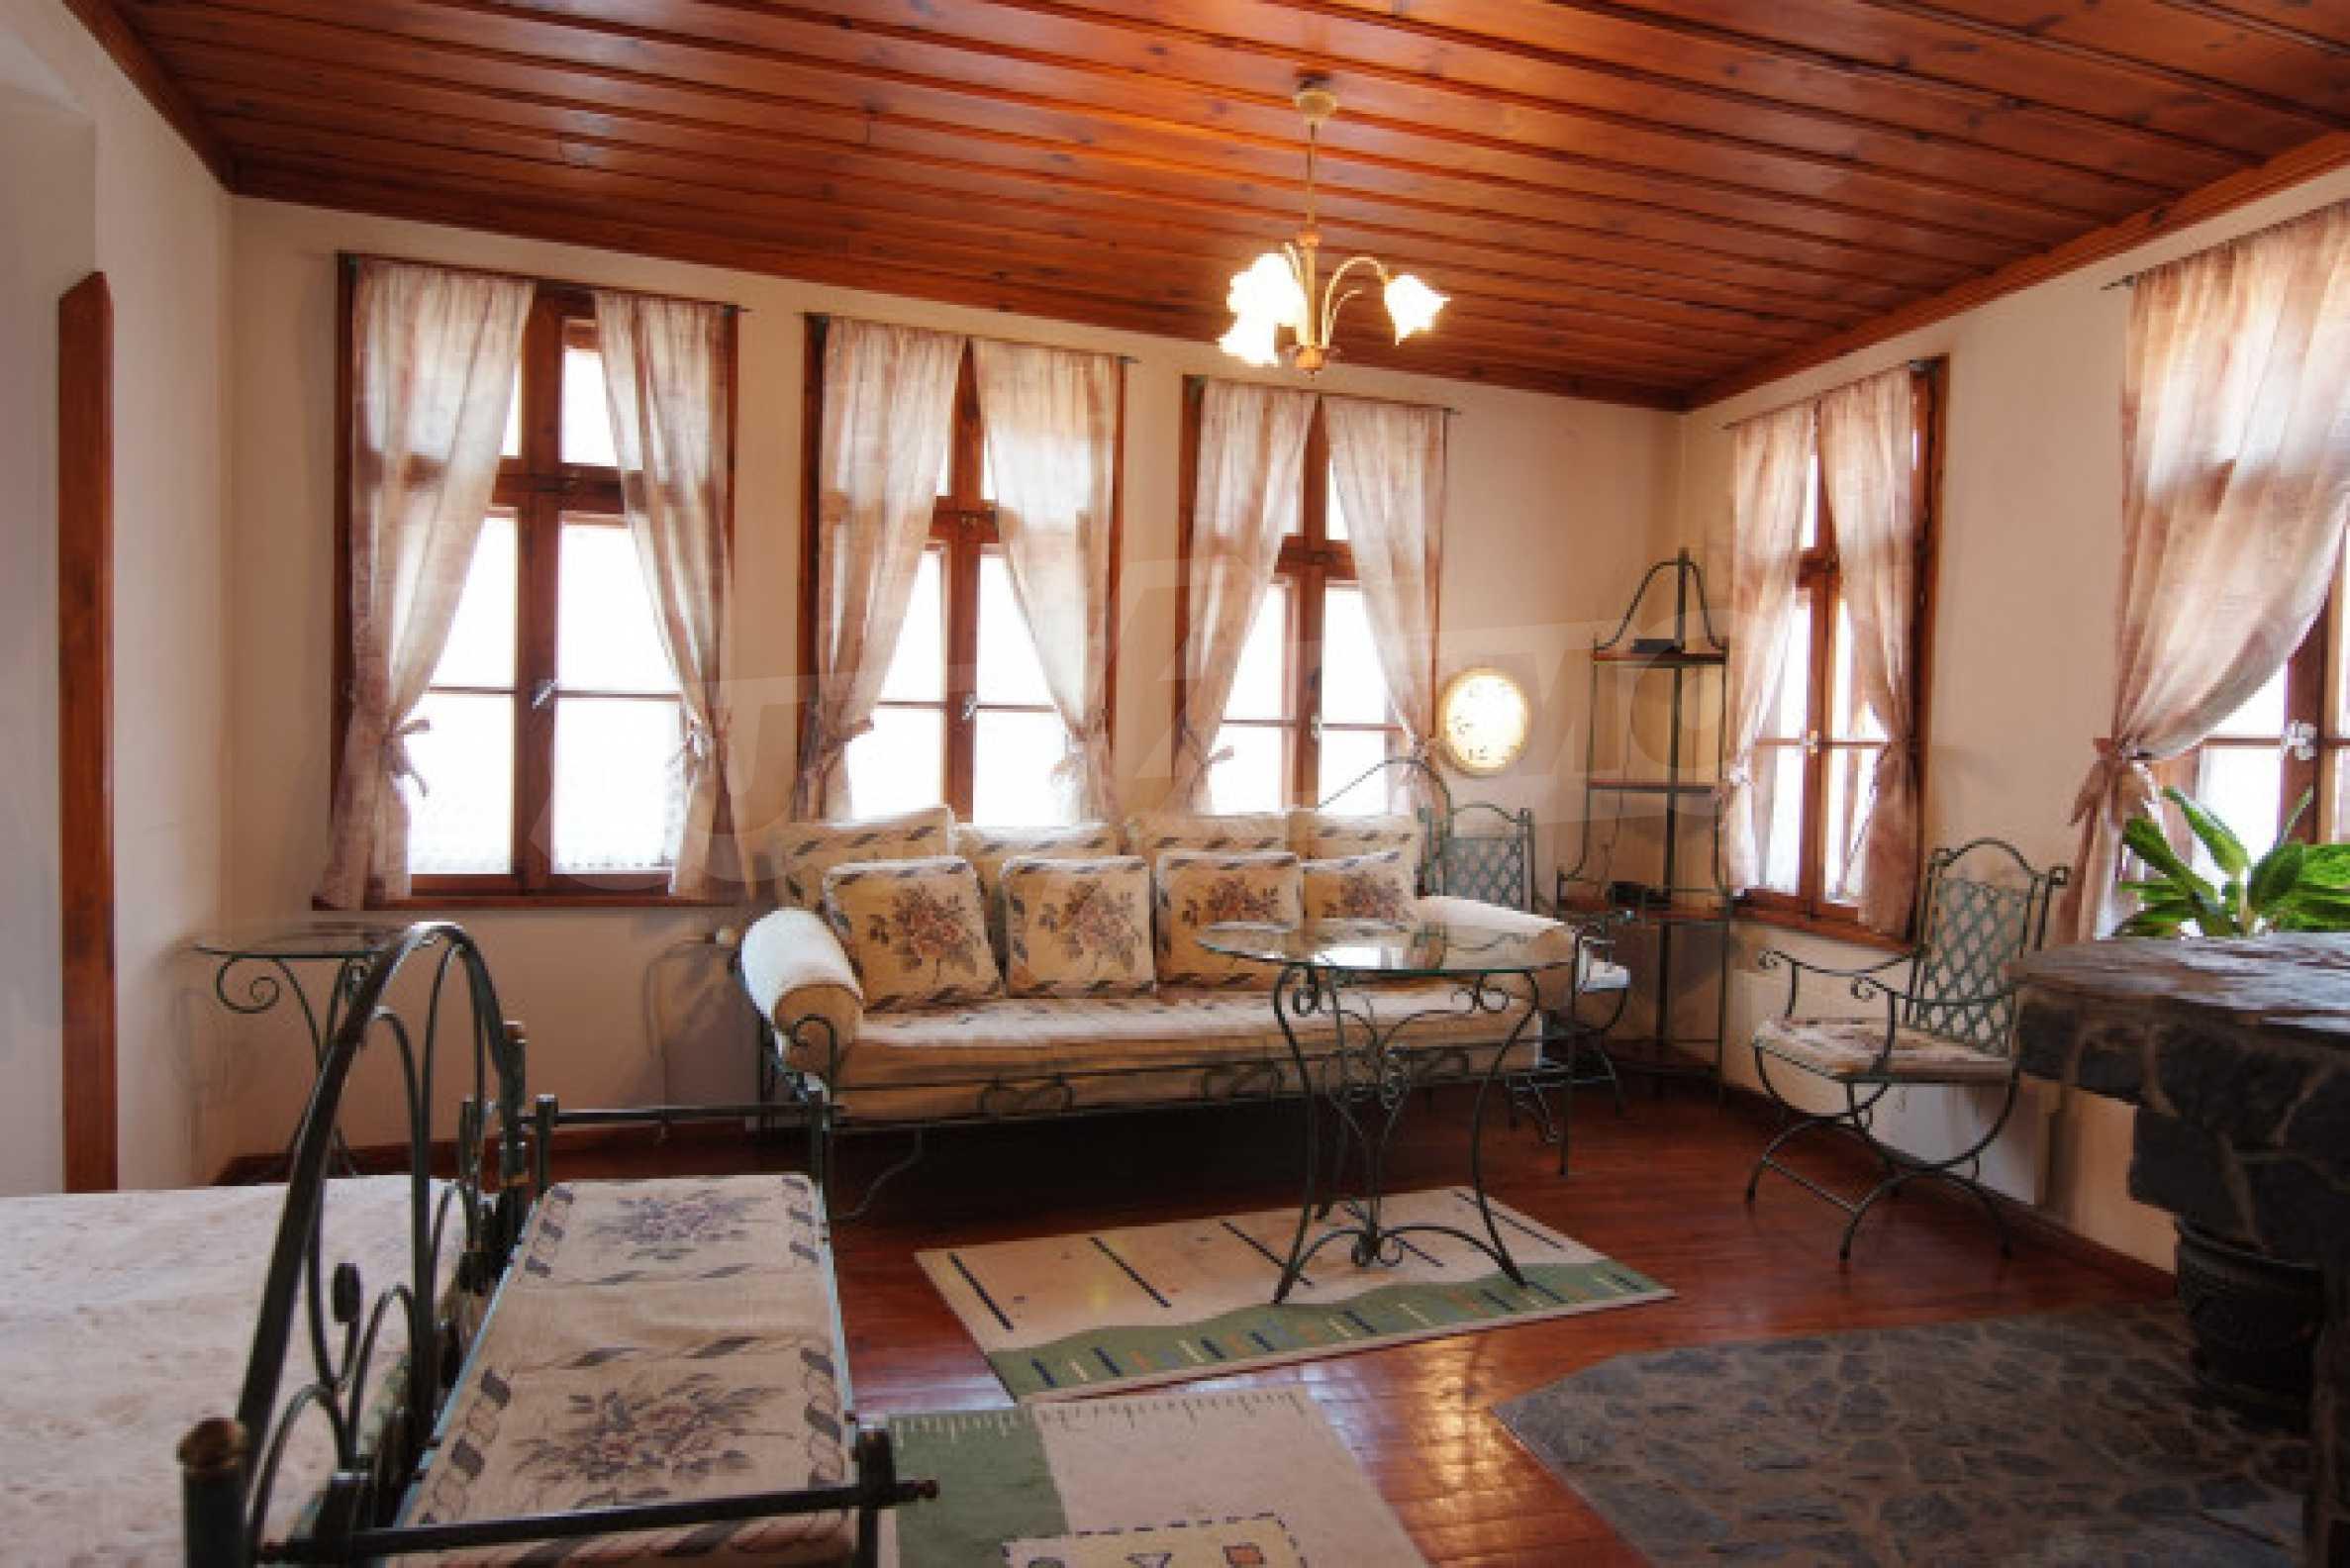 Гостиница, Отель в г. Мелник 25